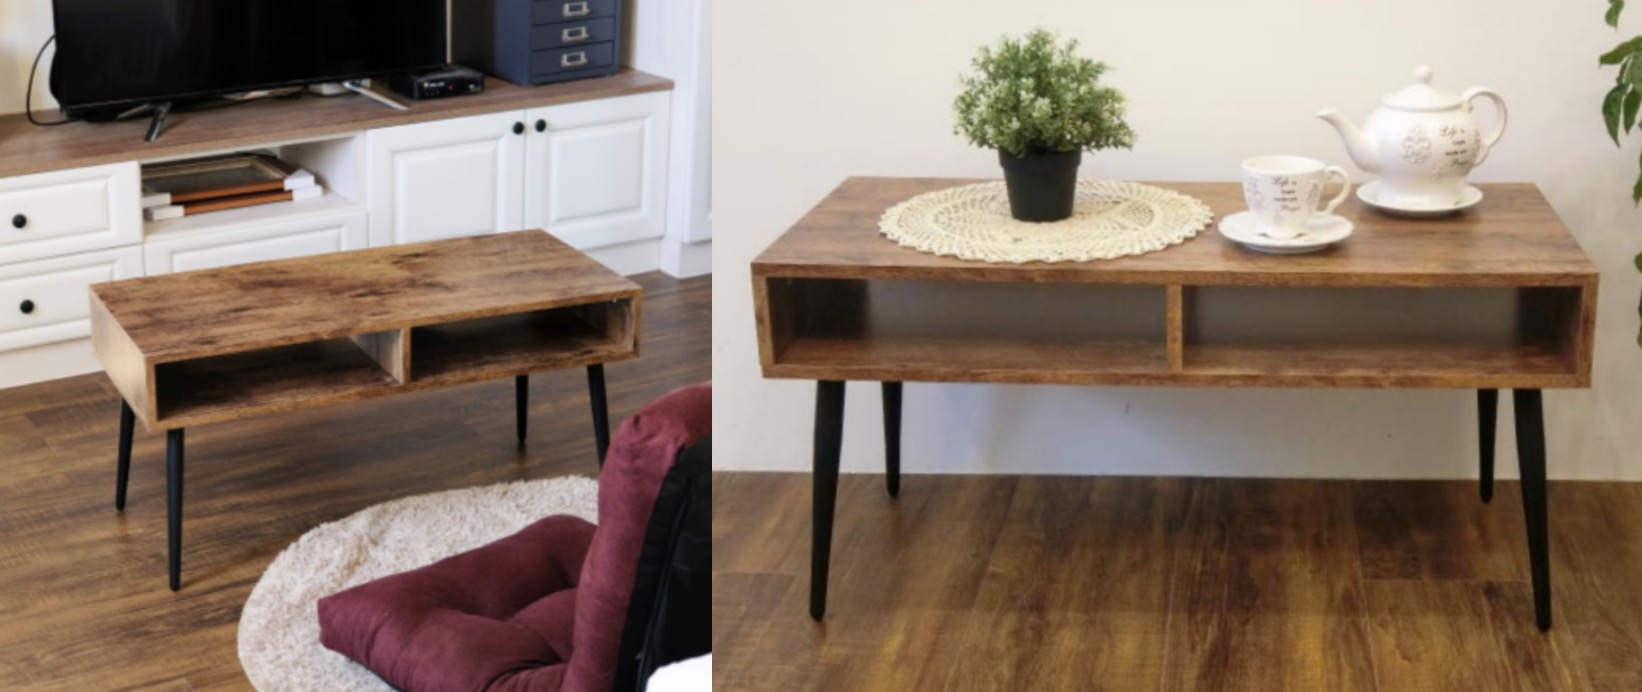 要讓家裡有咖啡廳氛圍,茶几可以說是很重要的環節,木質桌面搭配黑砂質感烤漆鐵腳